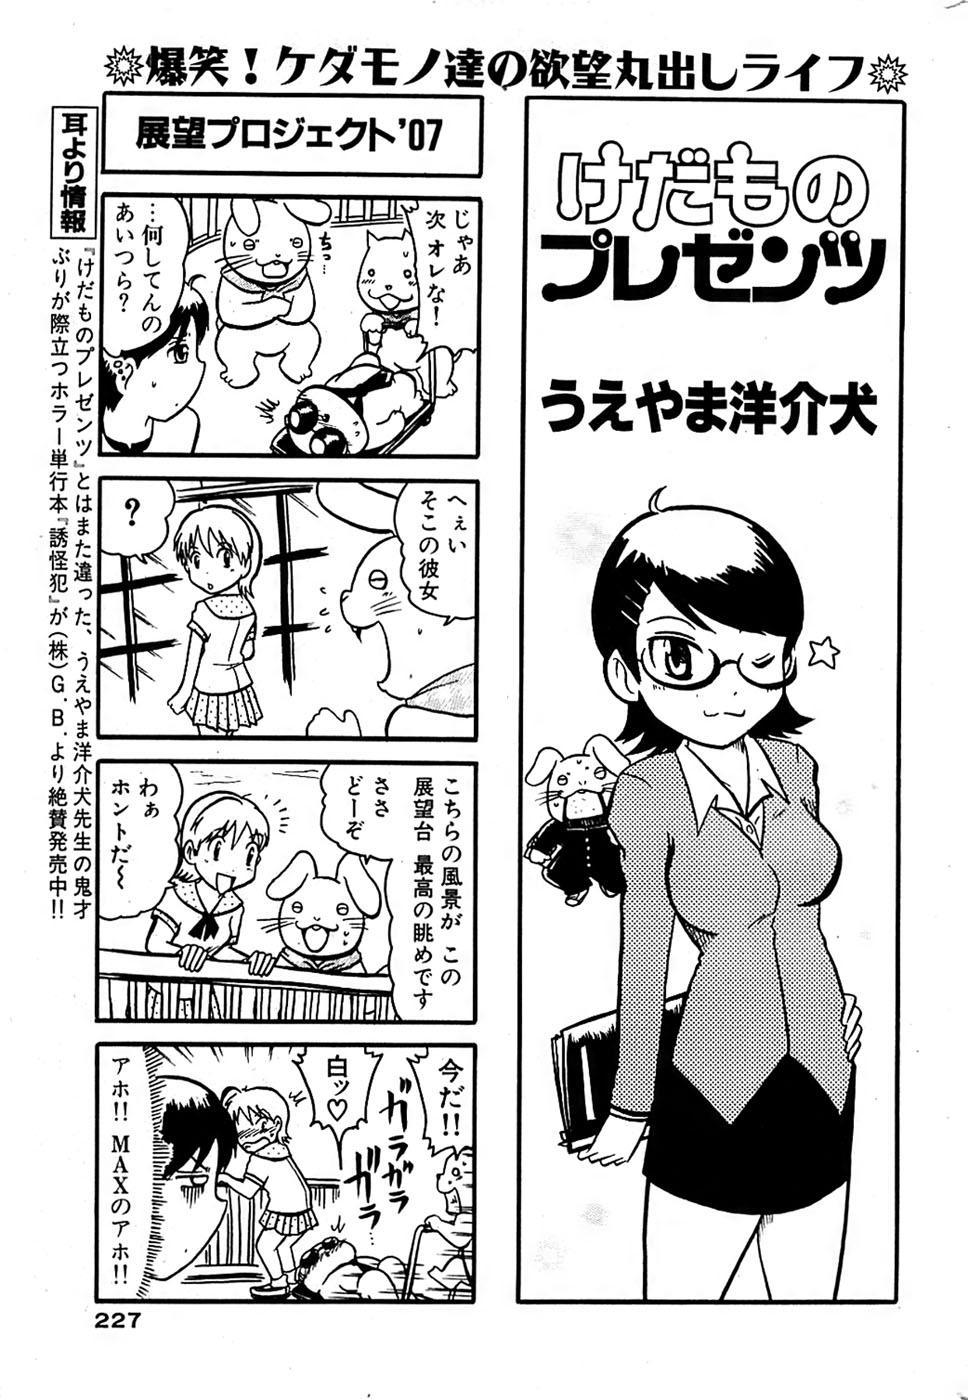 Comic Bazooka 2007-09 226